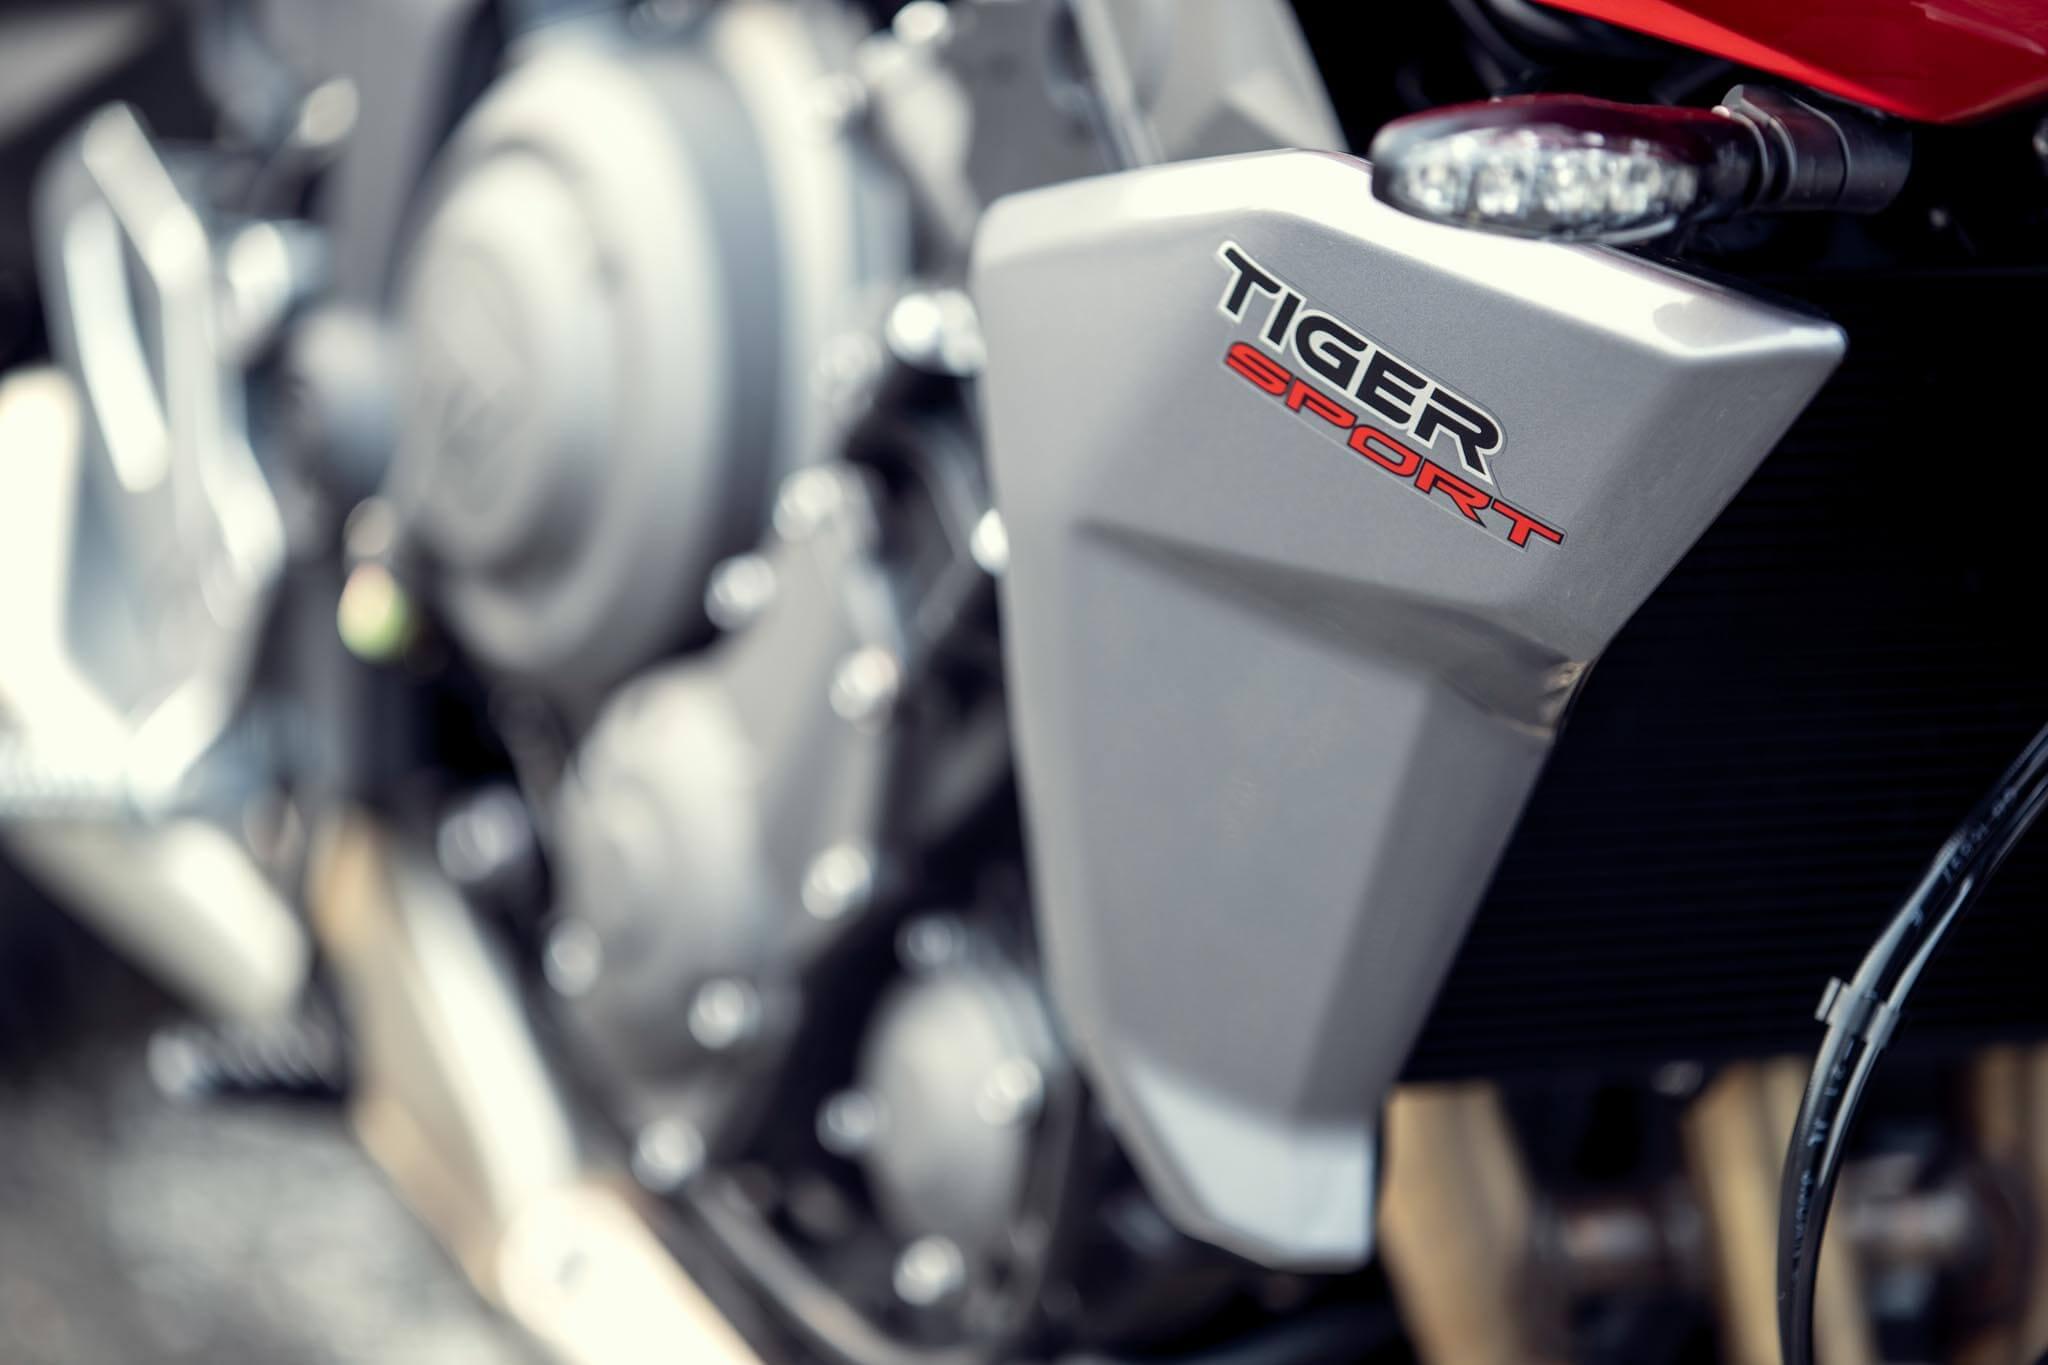 Tiger Sport 660 MY22 Detail BA8I7648 PB